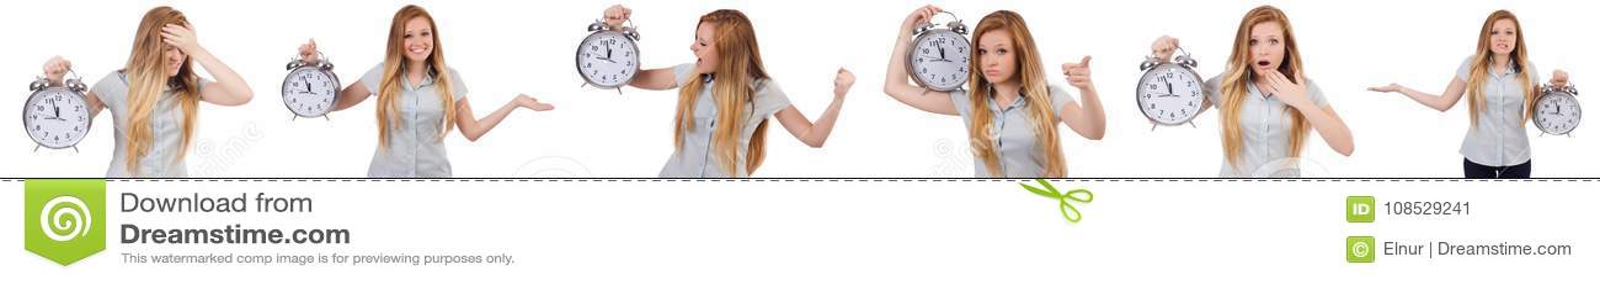 La mujer joven con el reloj en blanco